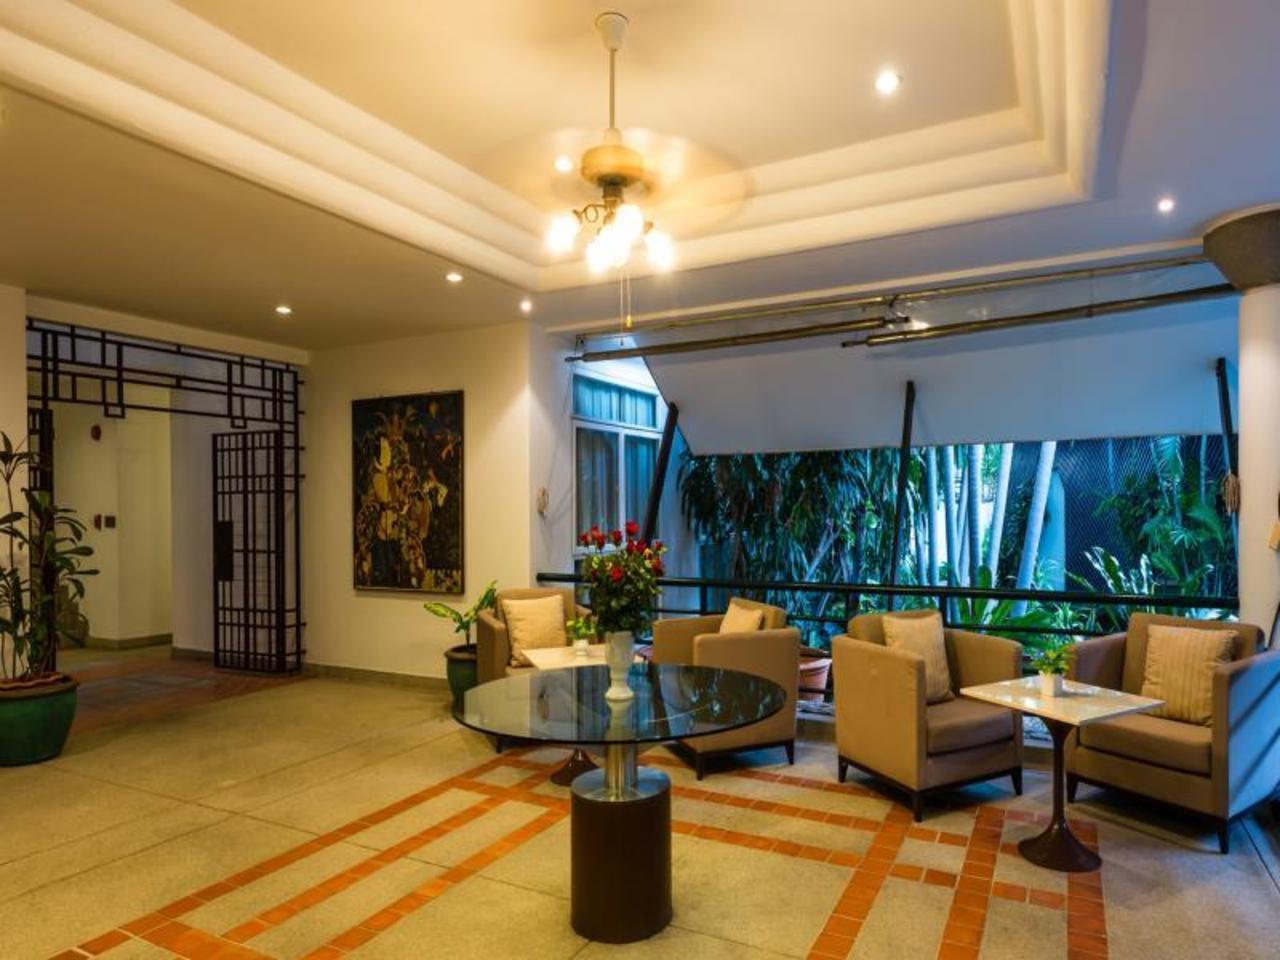 อาร์ซีจี สวีทส์ พัทยา (RCG Suites Pattaya)